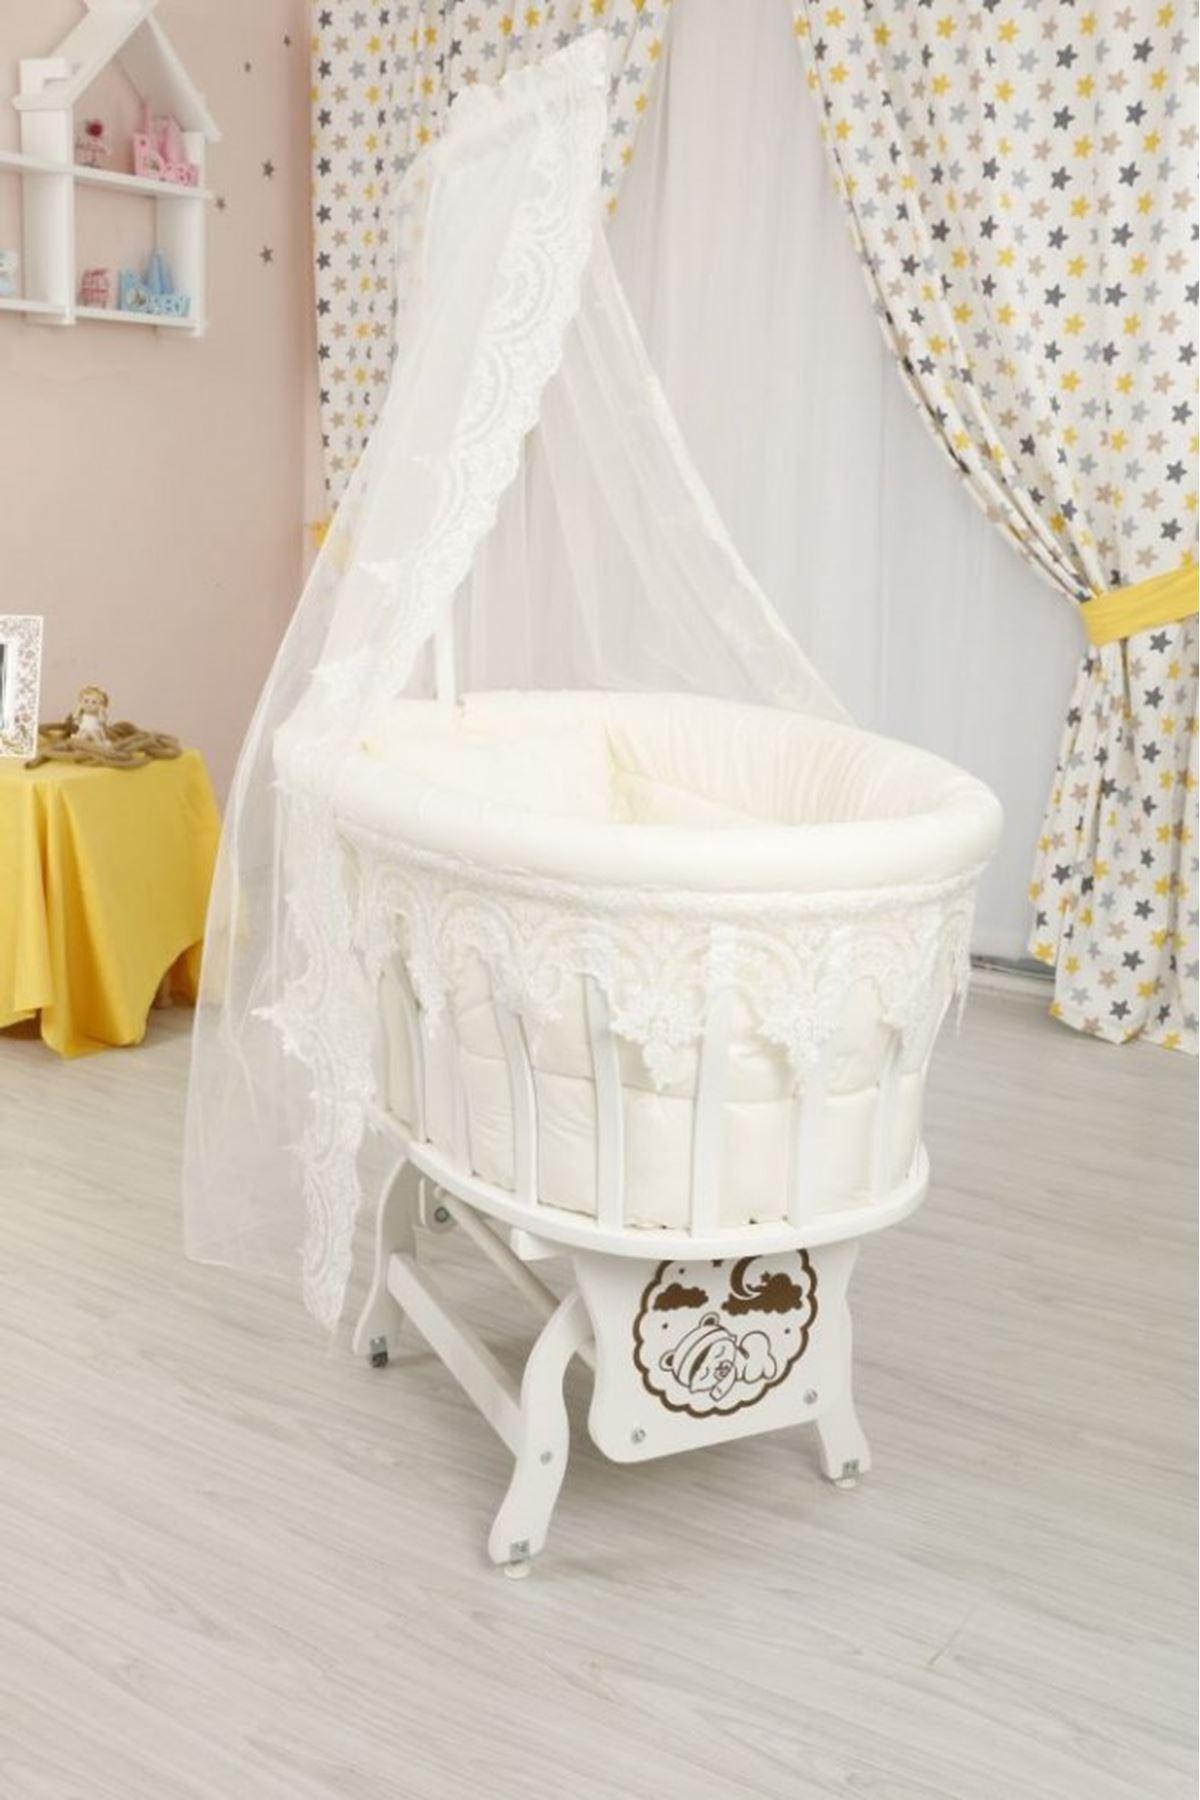 سرير بيضاوي أبيض ضانتيل اورجينال